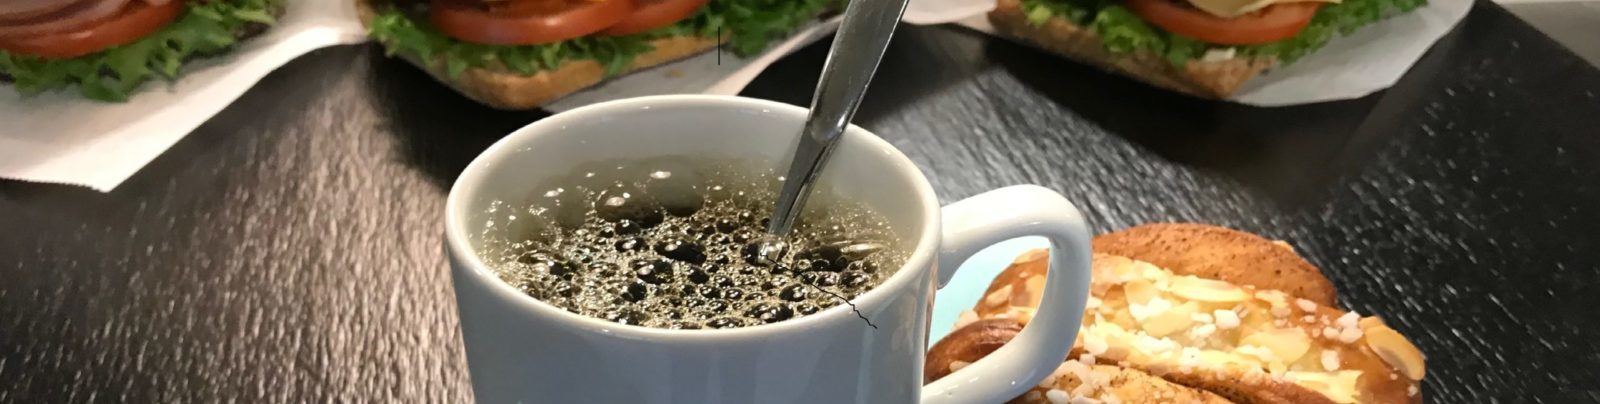 Kahvitilaukset